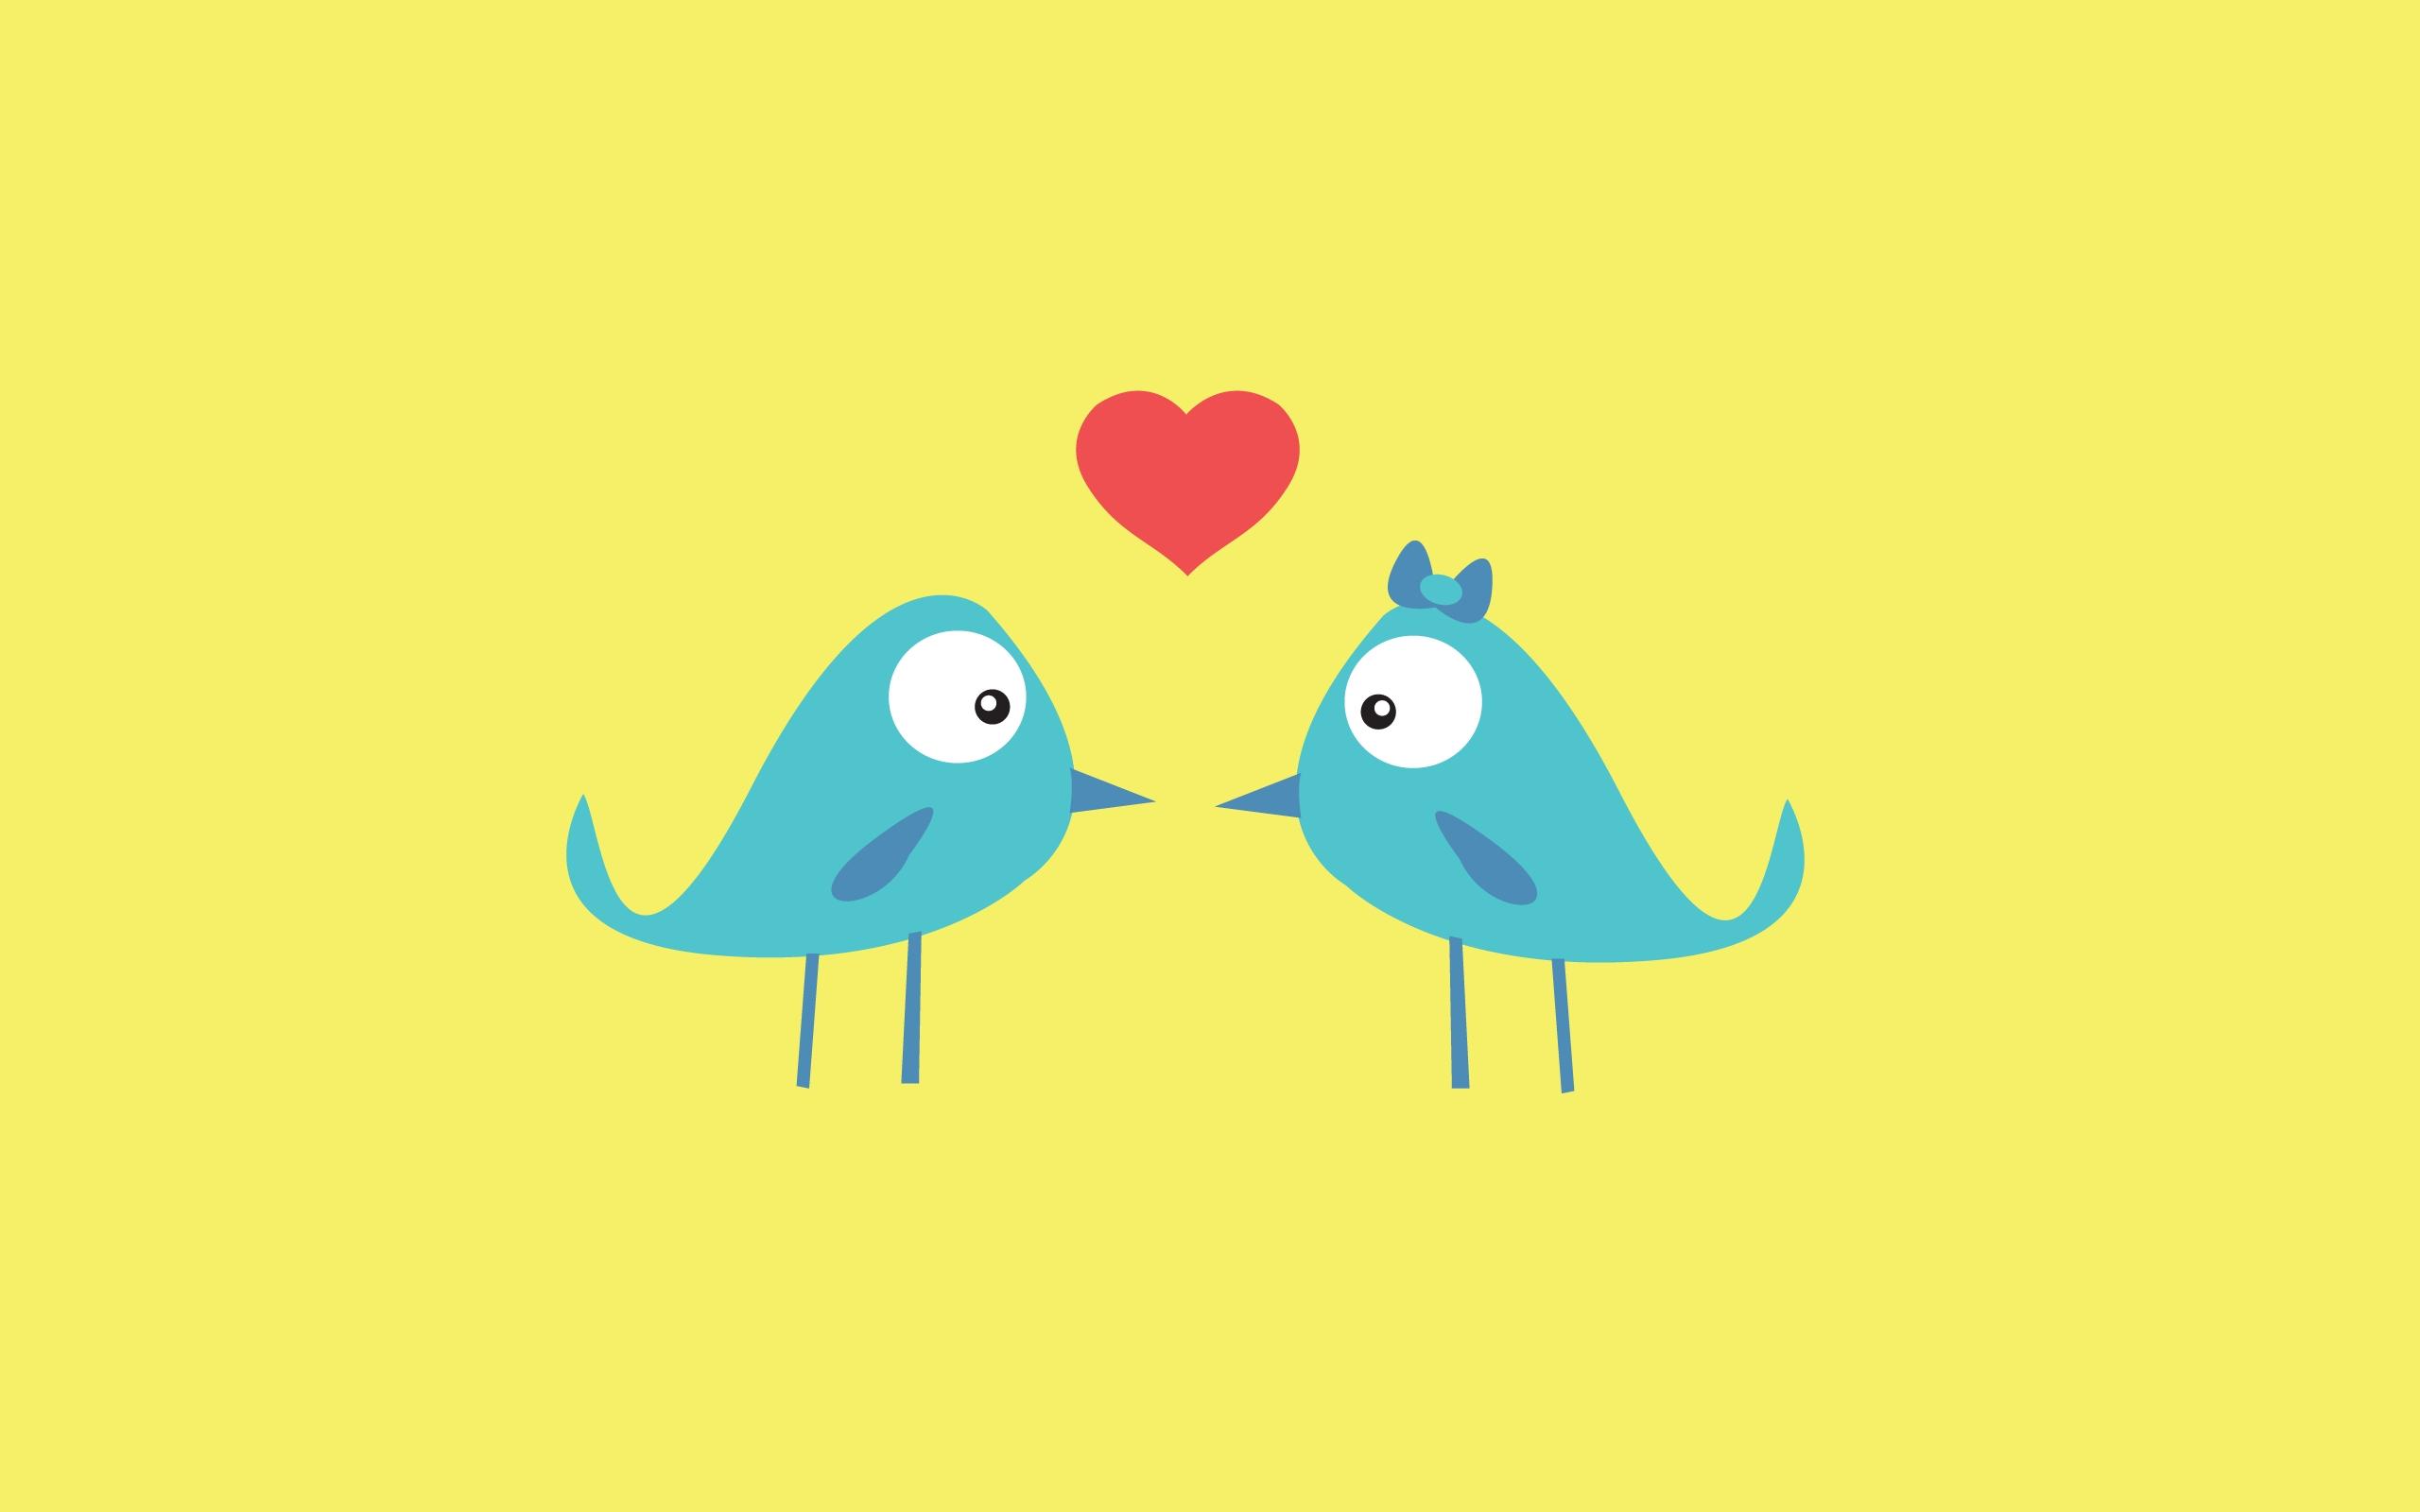 Dos pararitos enamorados - 2560x1600